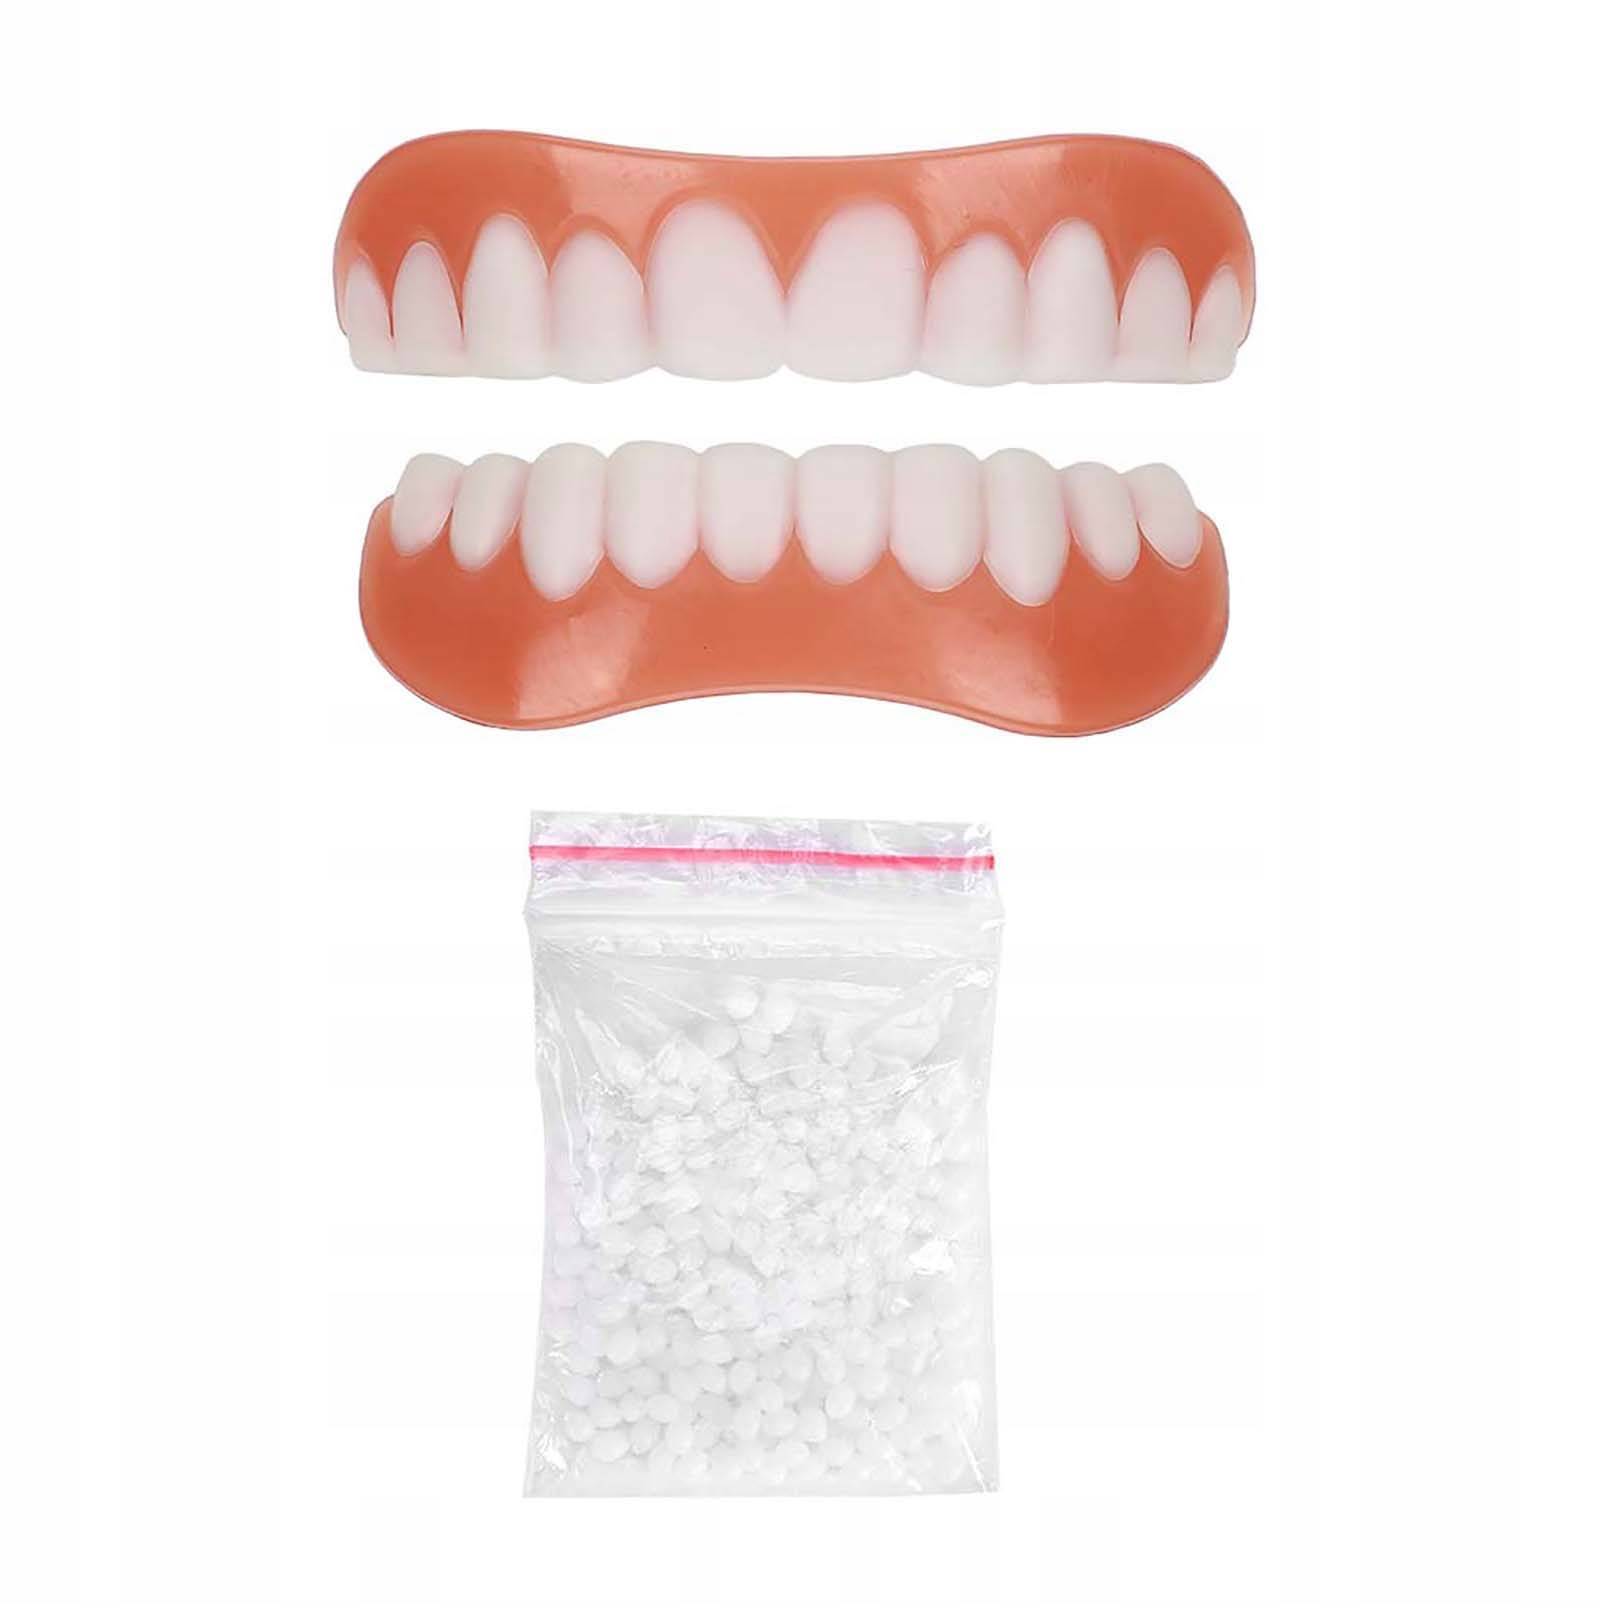 5см 5см Smile Veneers Ортодонтические зубы w61nz